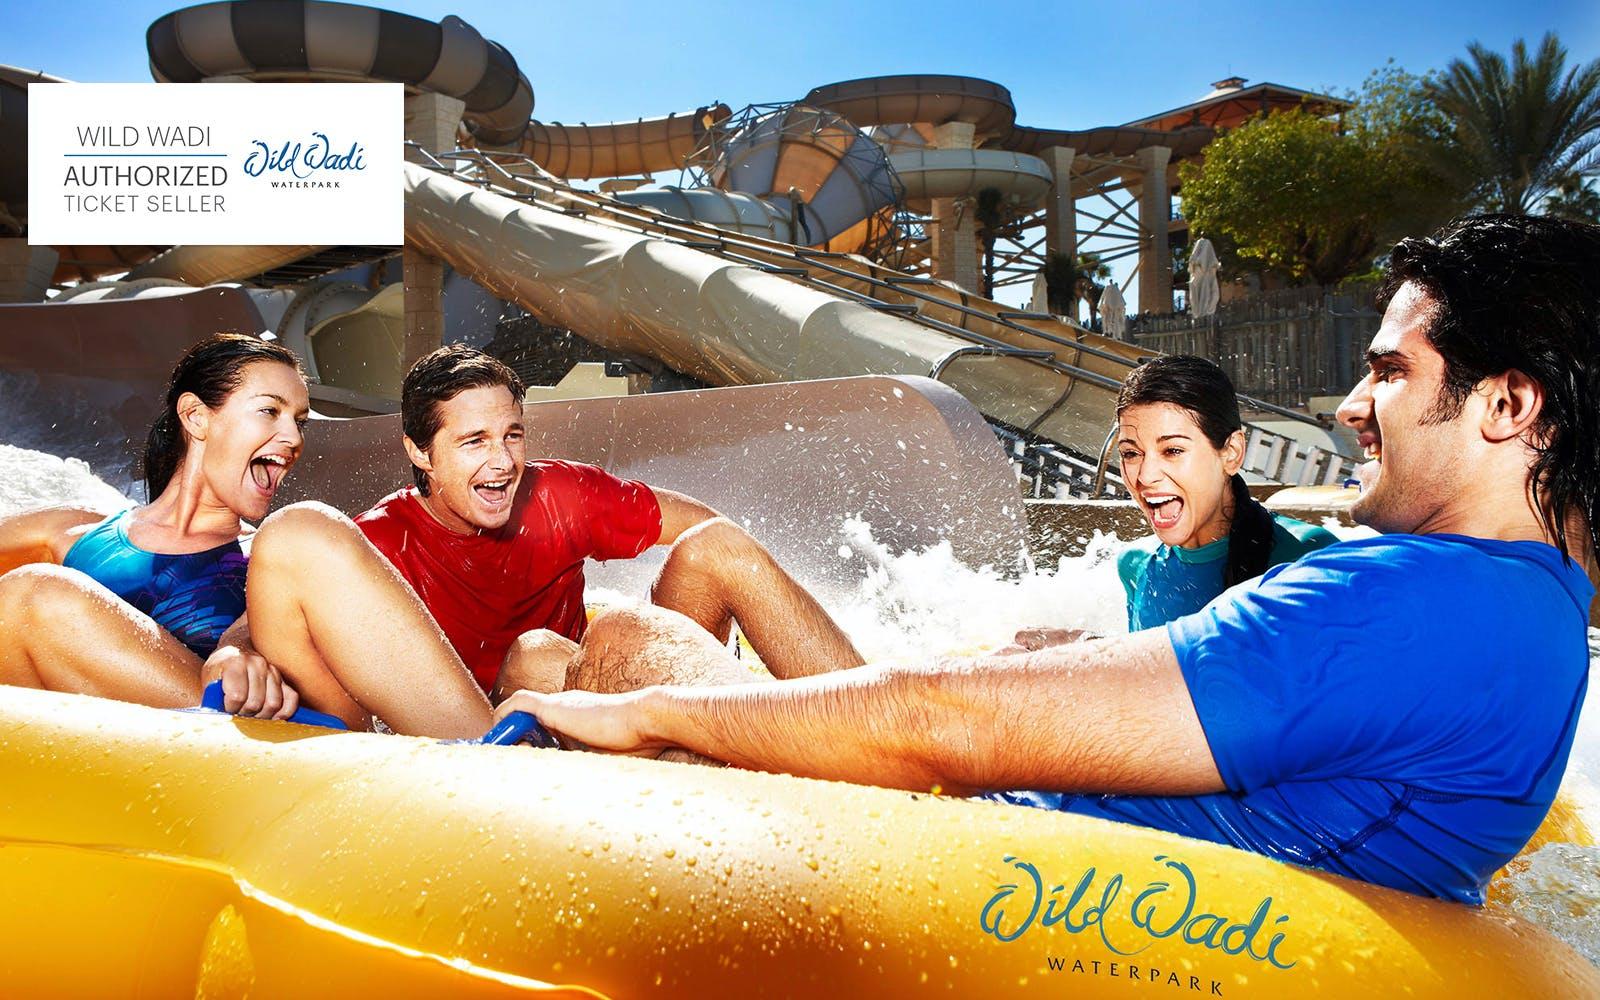 Water Parks in Dubai - Wild Wadi tickets